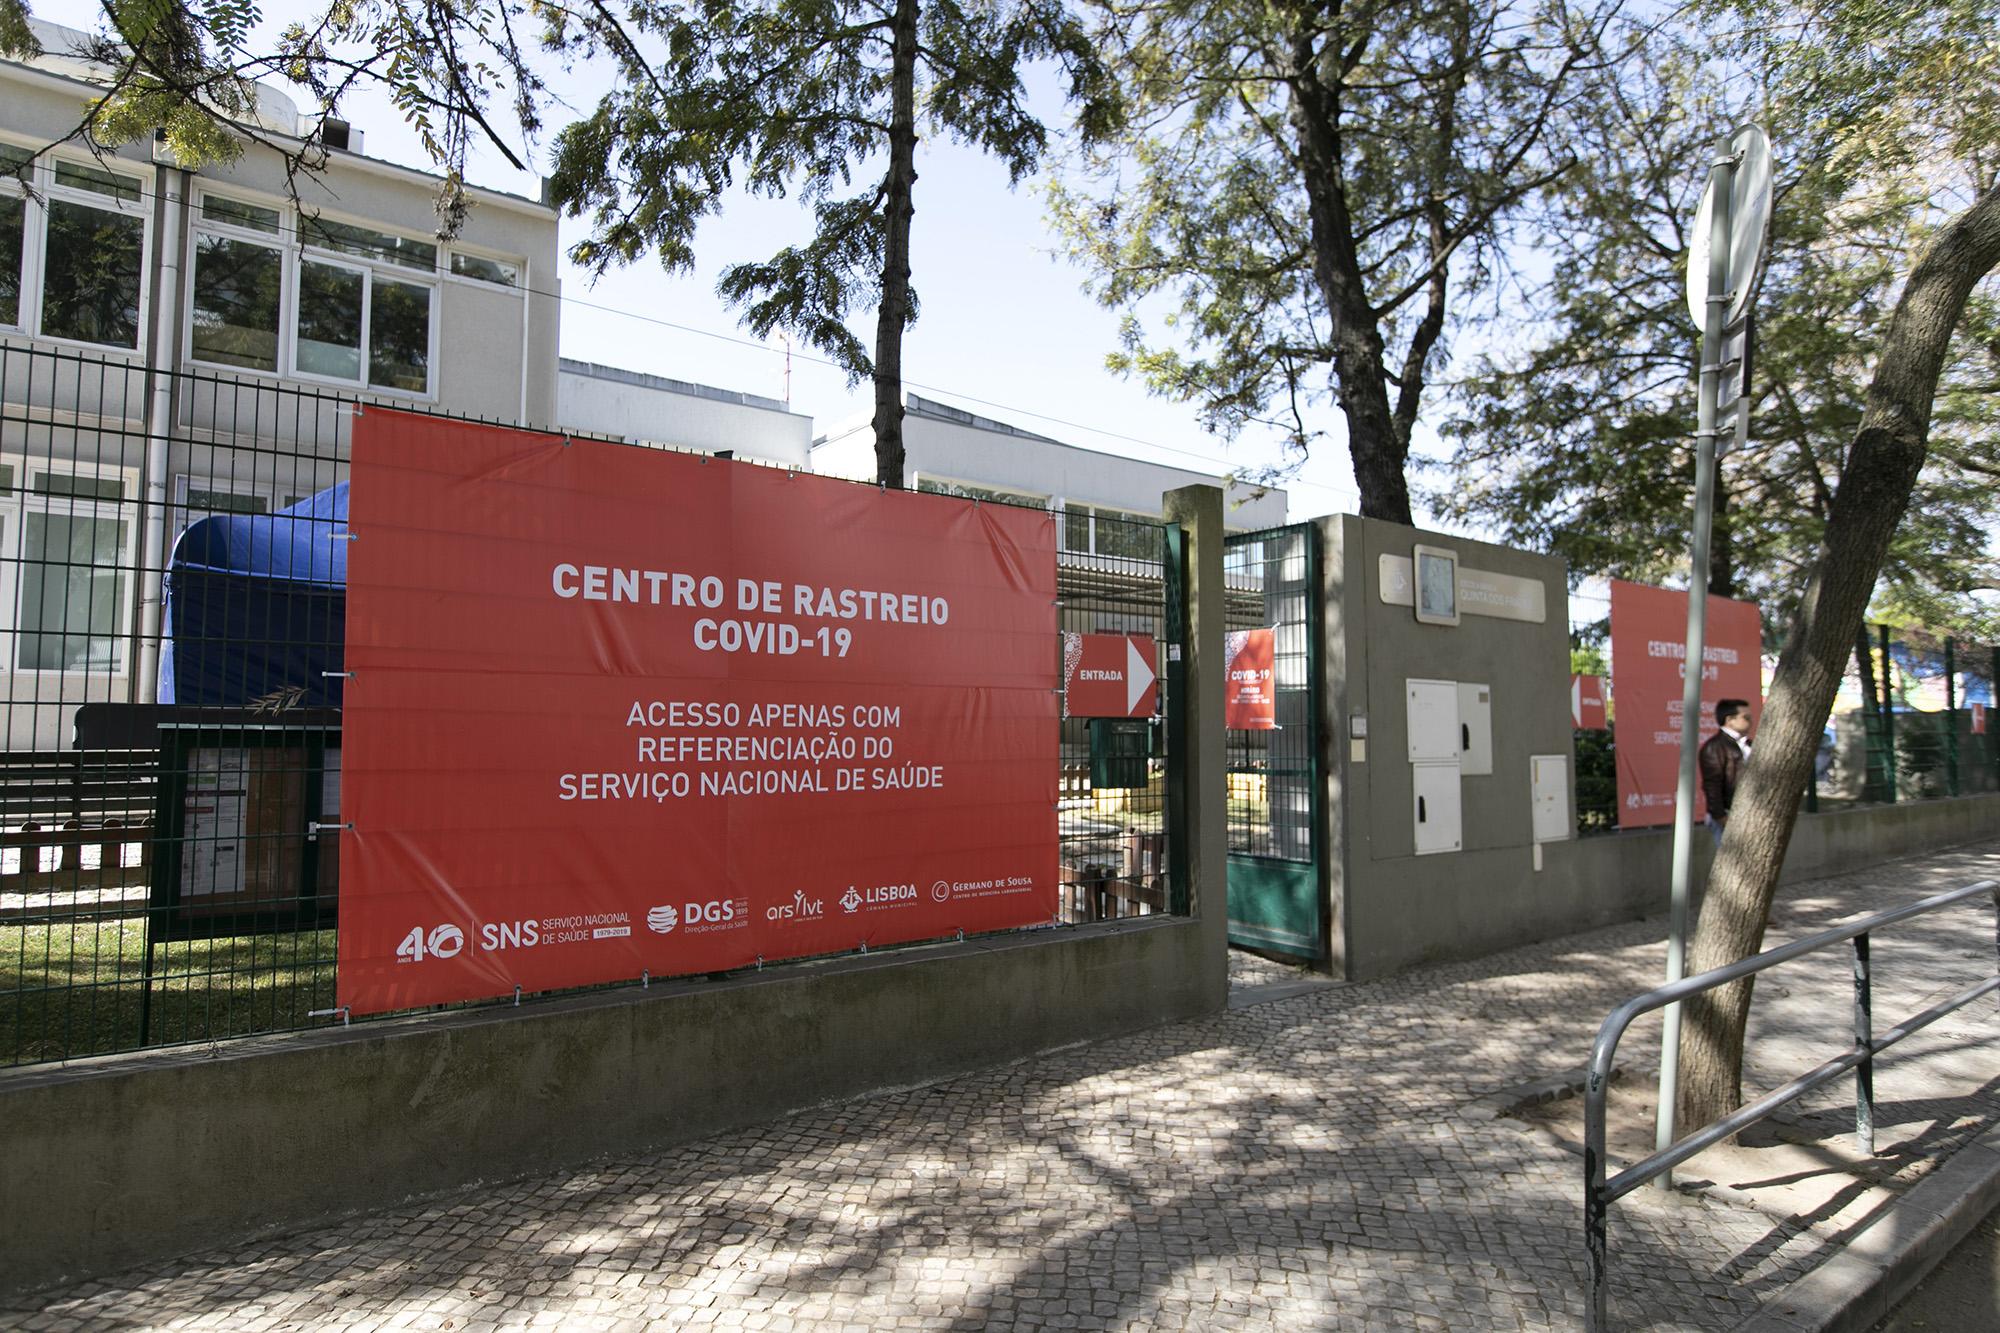 Centro de Rastreio do COVID-19 no Lumiar - 23MAR20